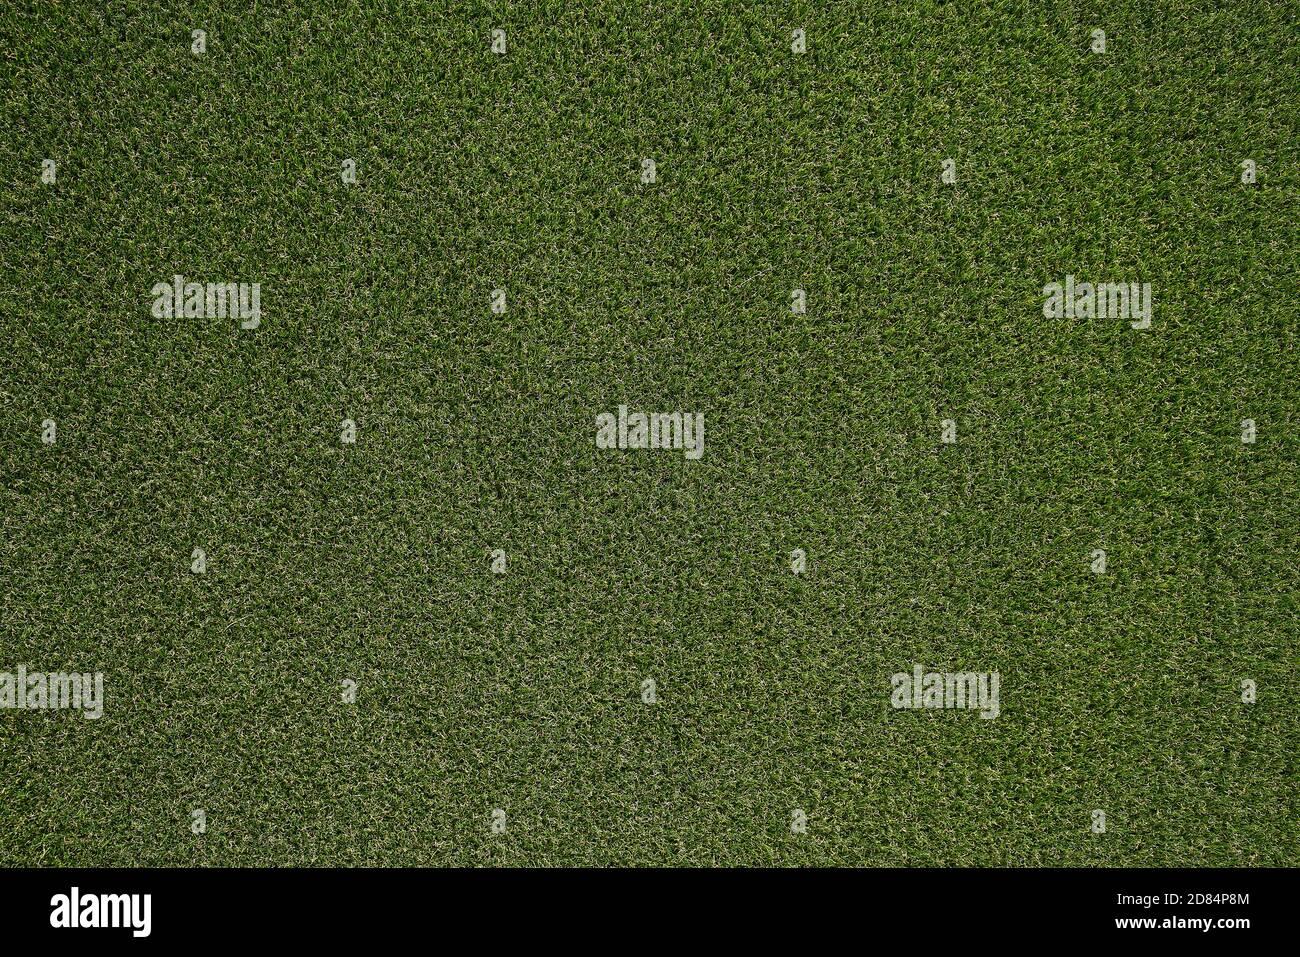 Fondo de textura verde hierba, Vista superior de césped concepto ideal utilizado para hacer suelo verde, césped para un campo de fútbol de entrenamiento, campos de golf hierba Foto de stock